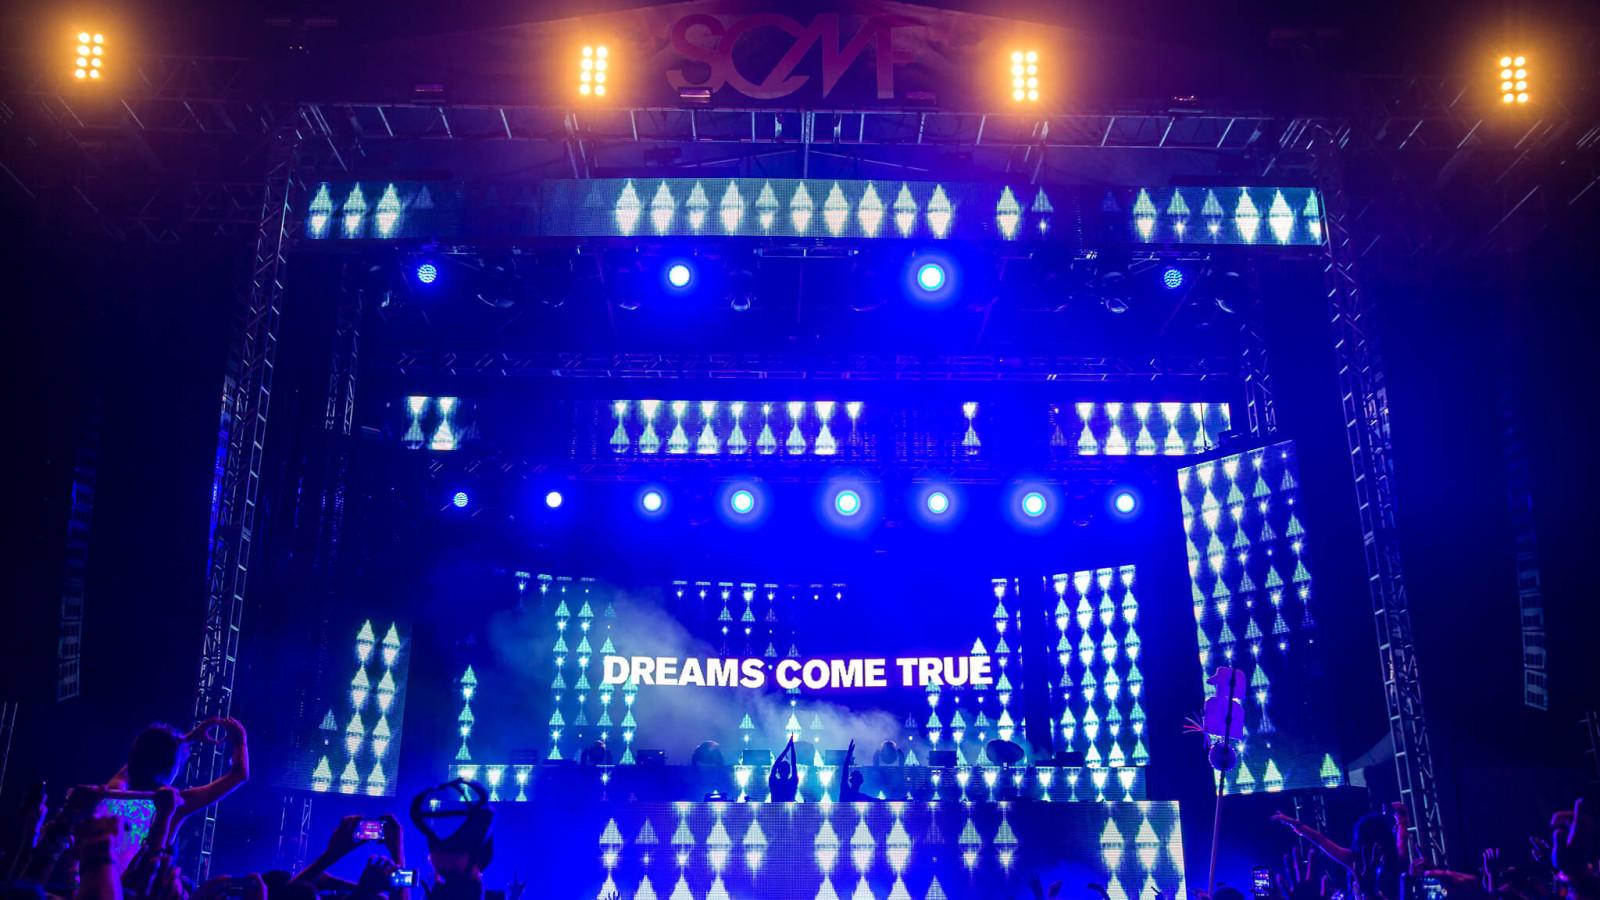 Dreams Come True at Sun City Music Festival 2014